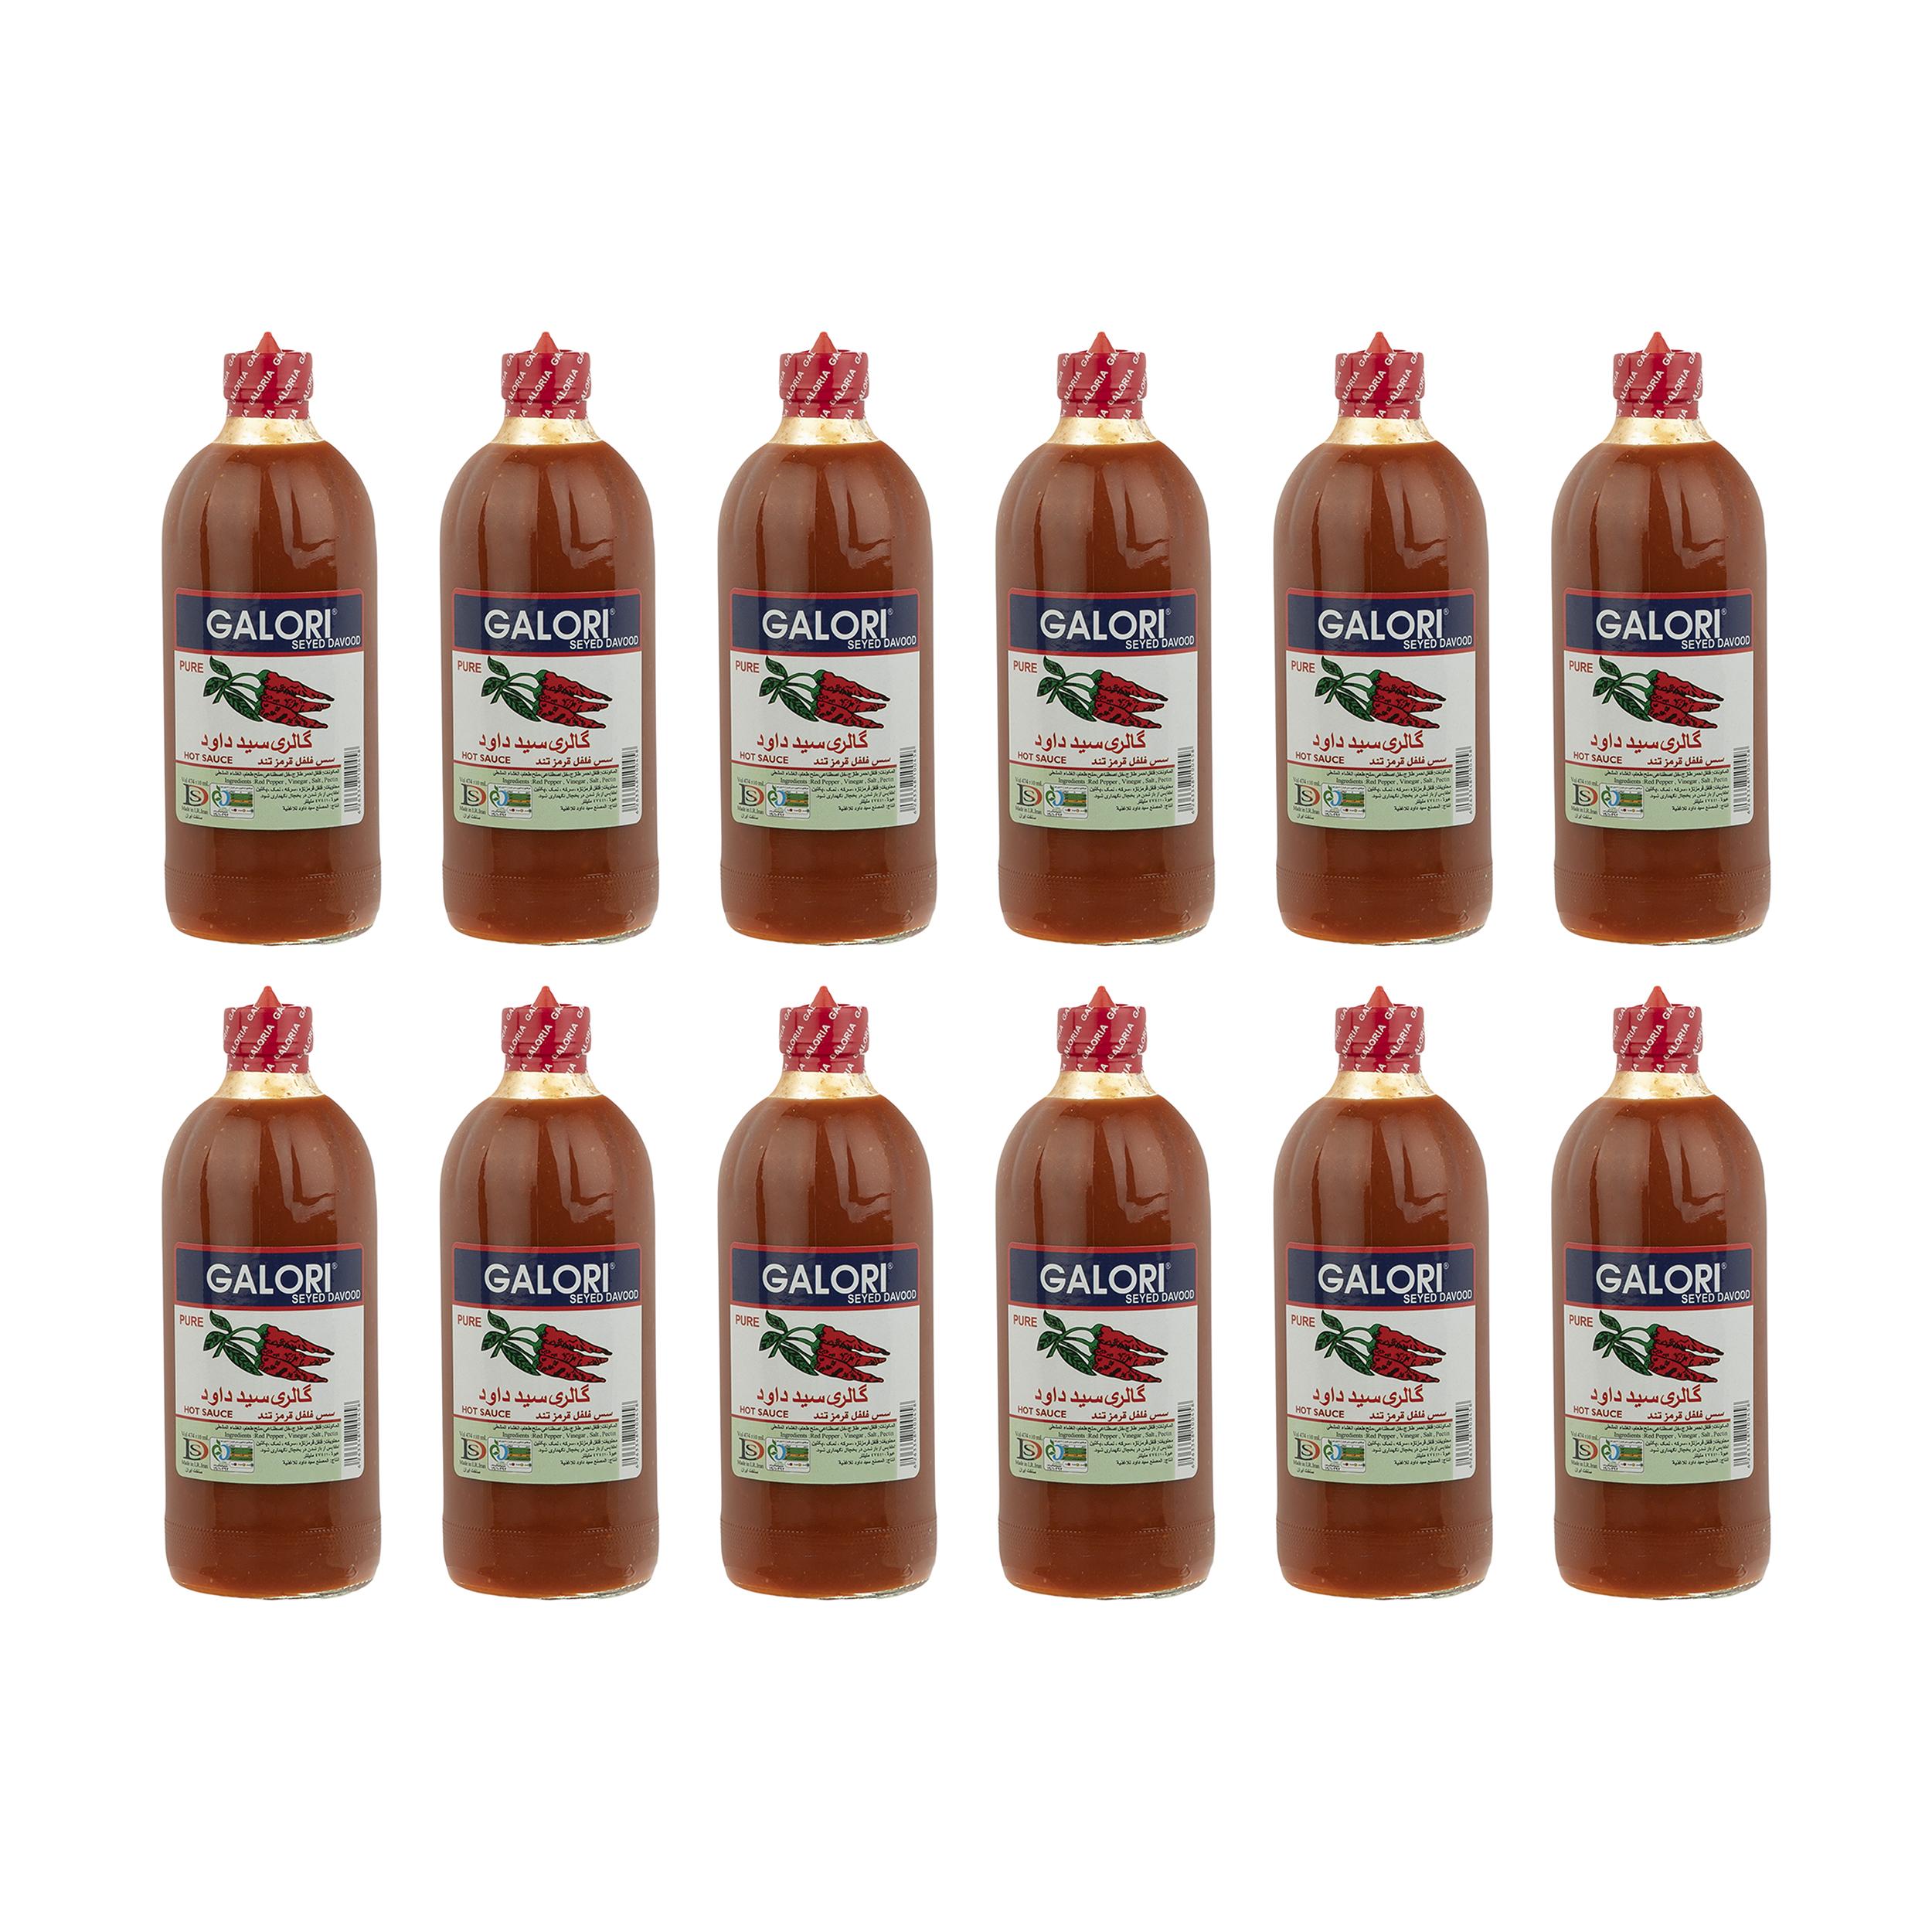 سس گلوريا قرمز - 474 گرم 12 عددی